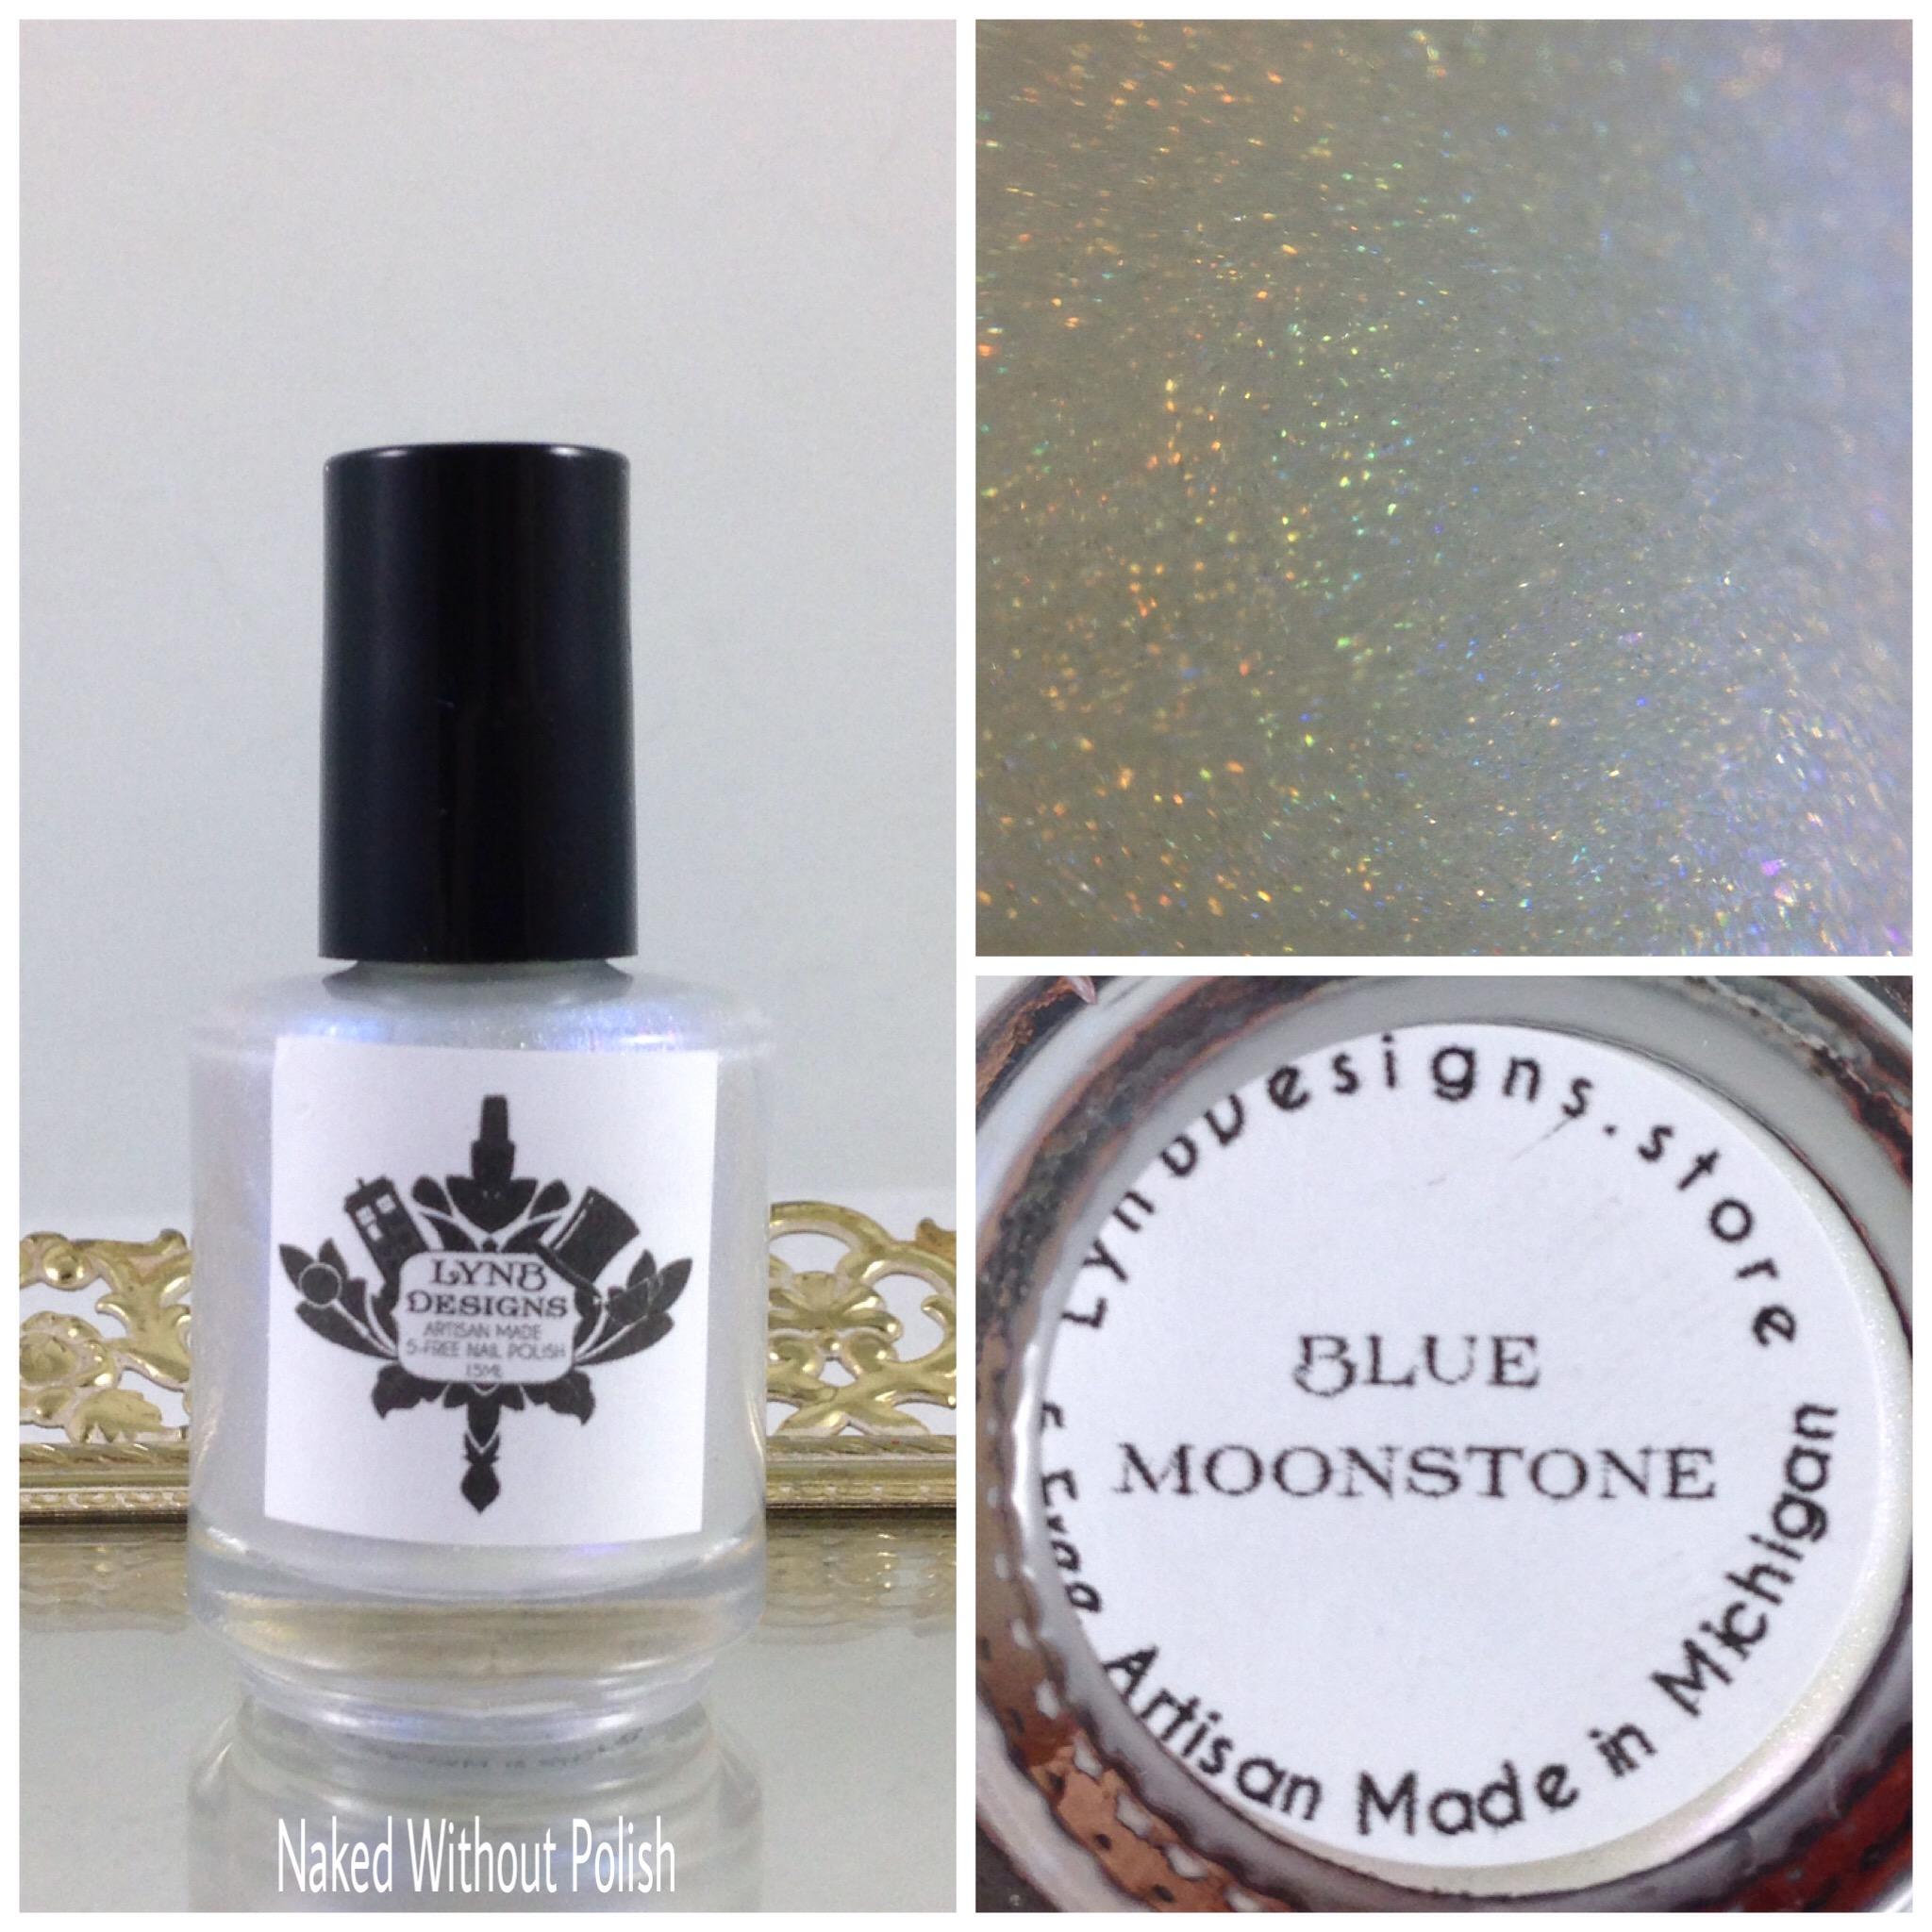 LynBDesigns-Blue-Moonstone-1